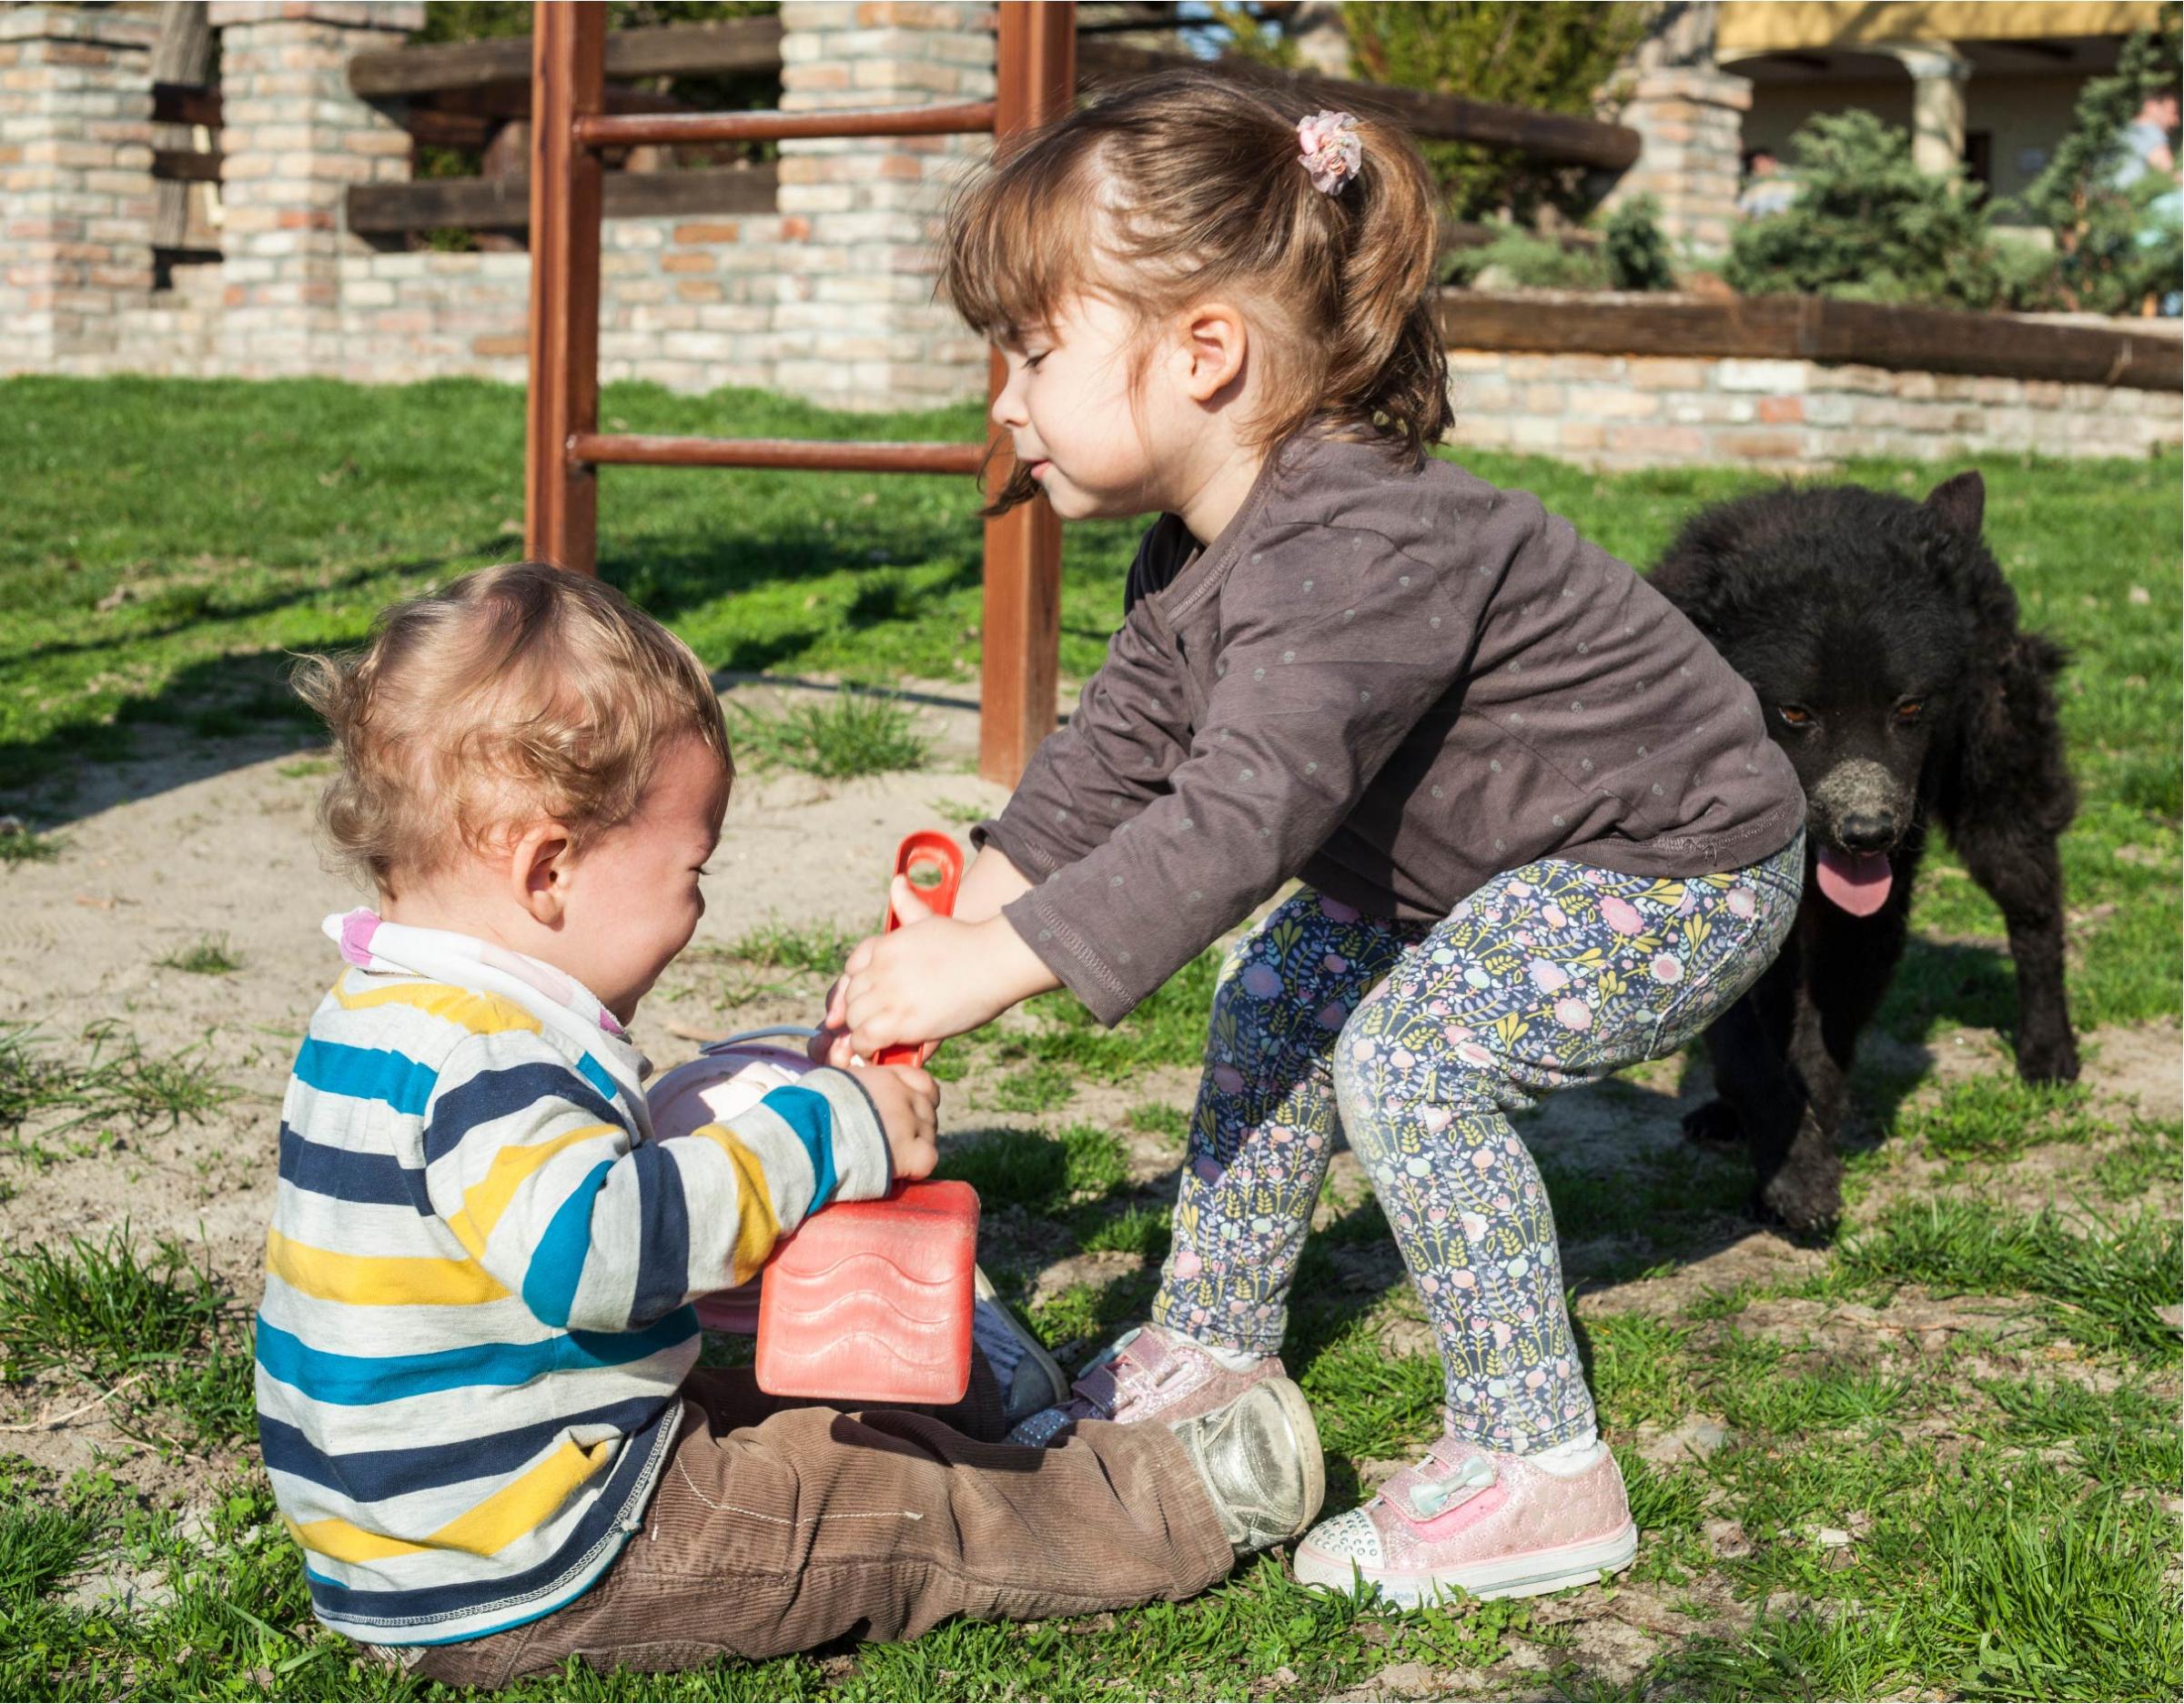 אח ואחות רבים על צעצוע | Shutterstock, Dragana Djorovic